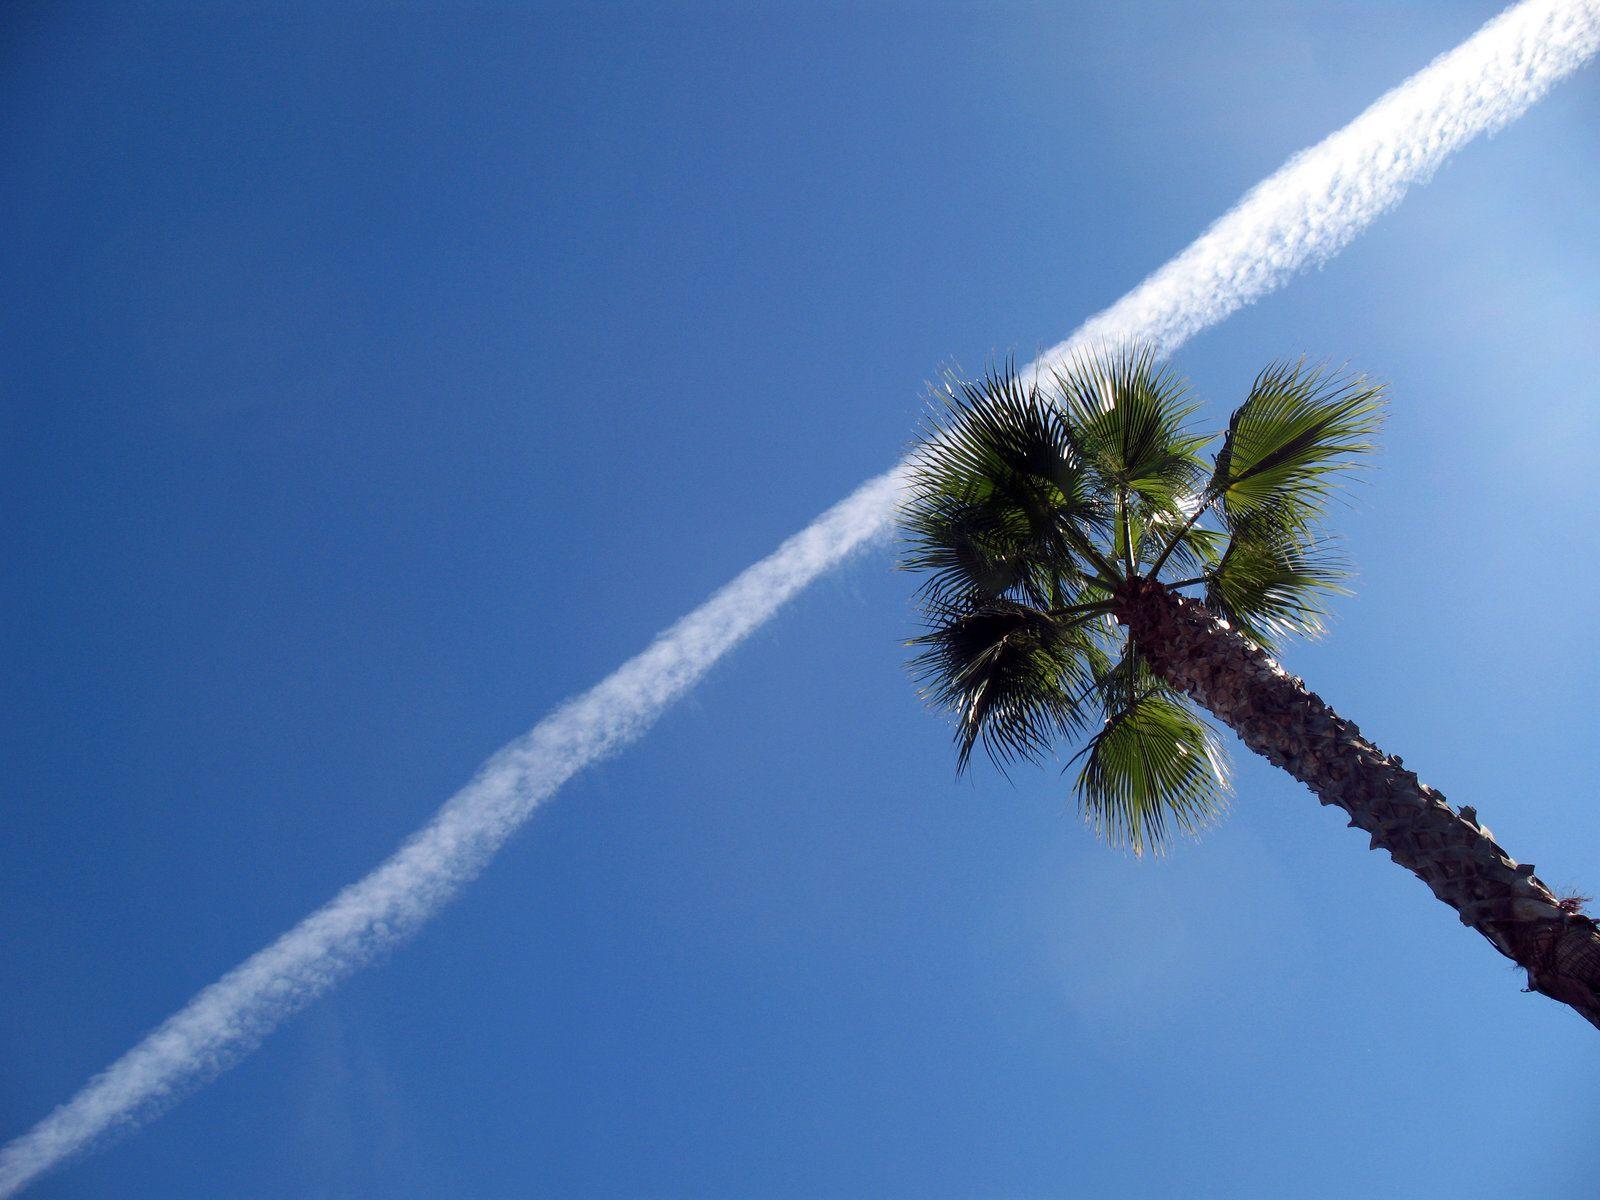 Diagonal Skies